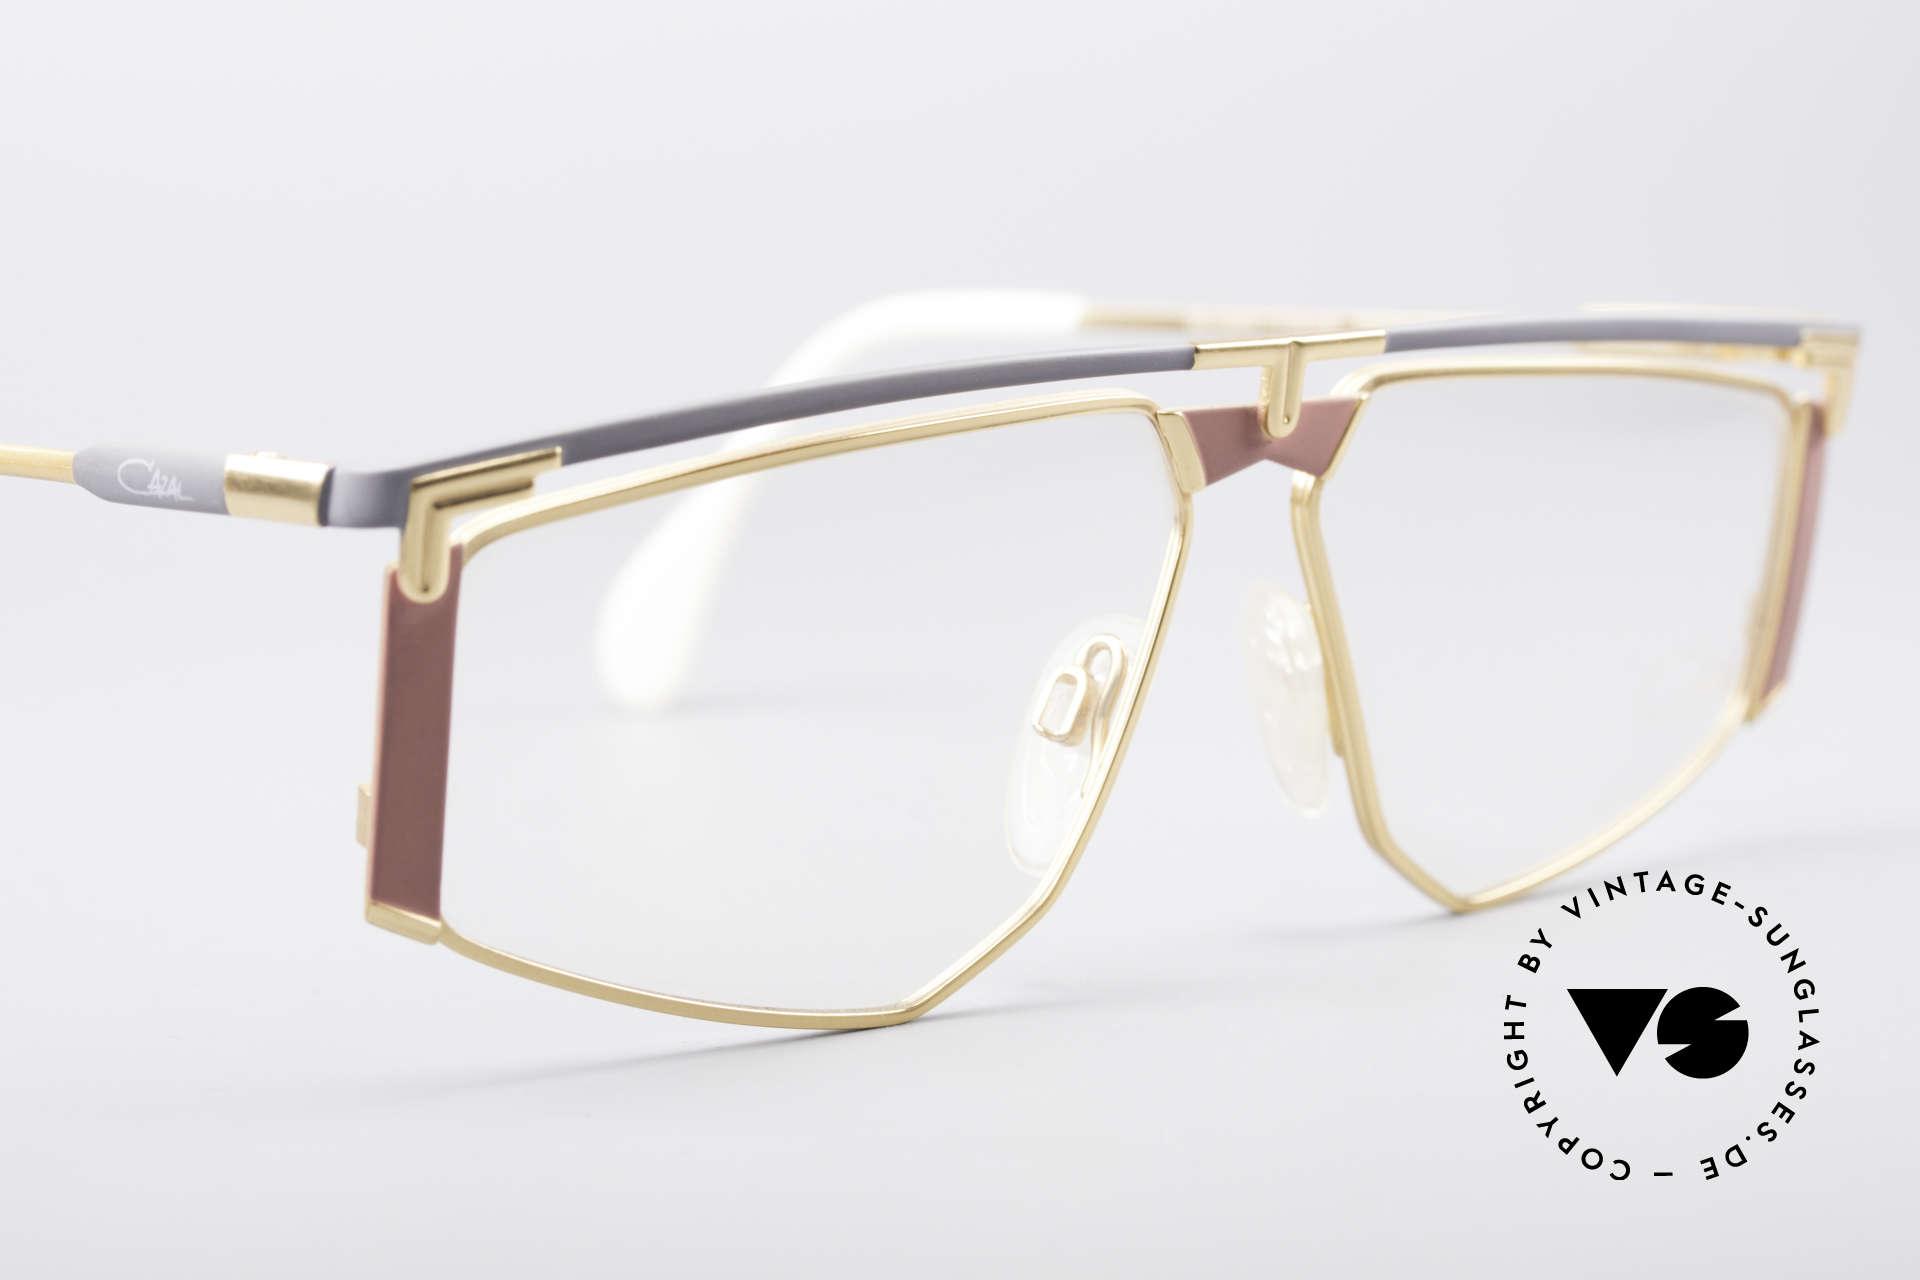 Cazal 235 Rare Titanium Vintage Brille, ungetragen (wie alle unsere 90er vintage Titan-Brillen), Passend für Herren und Damen